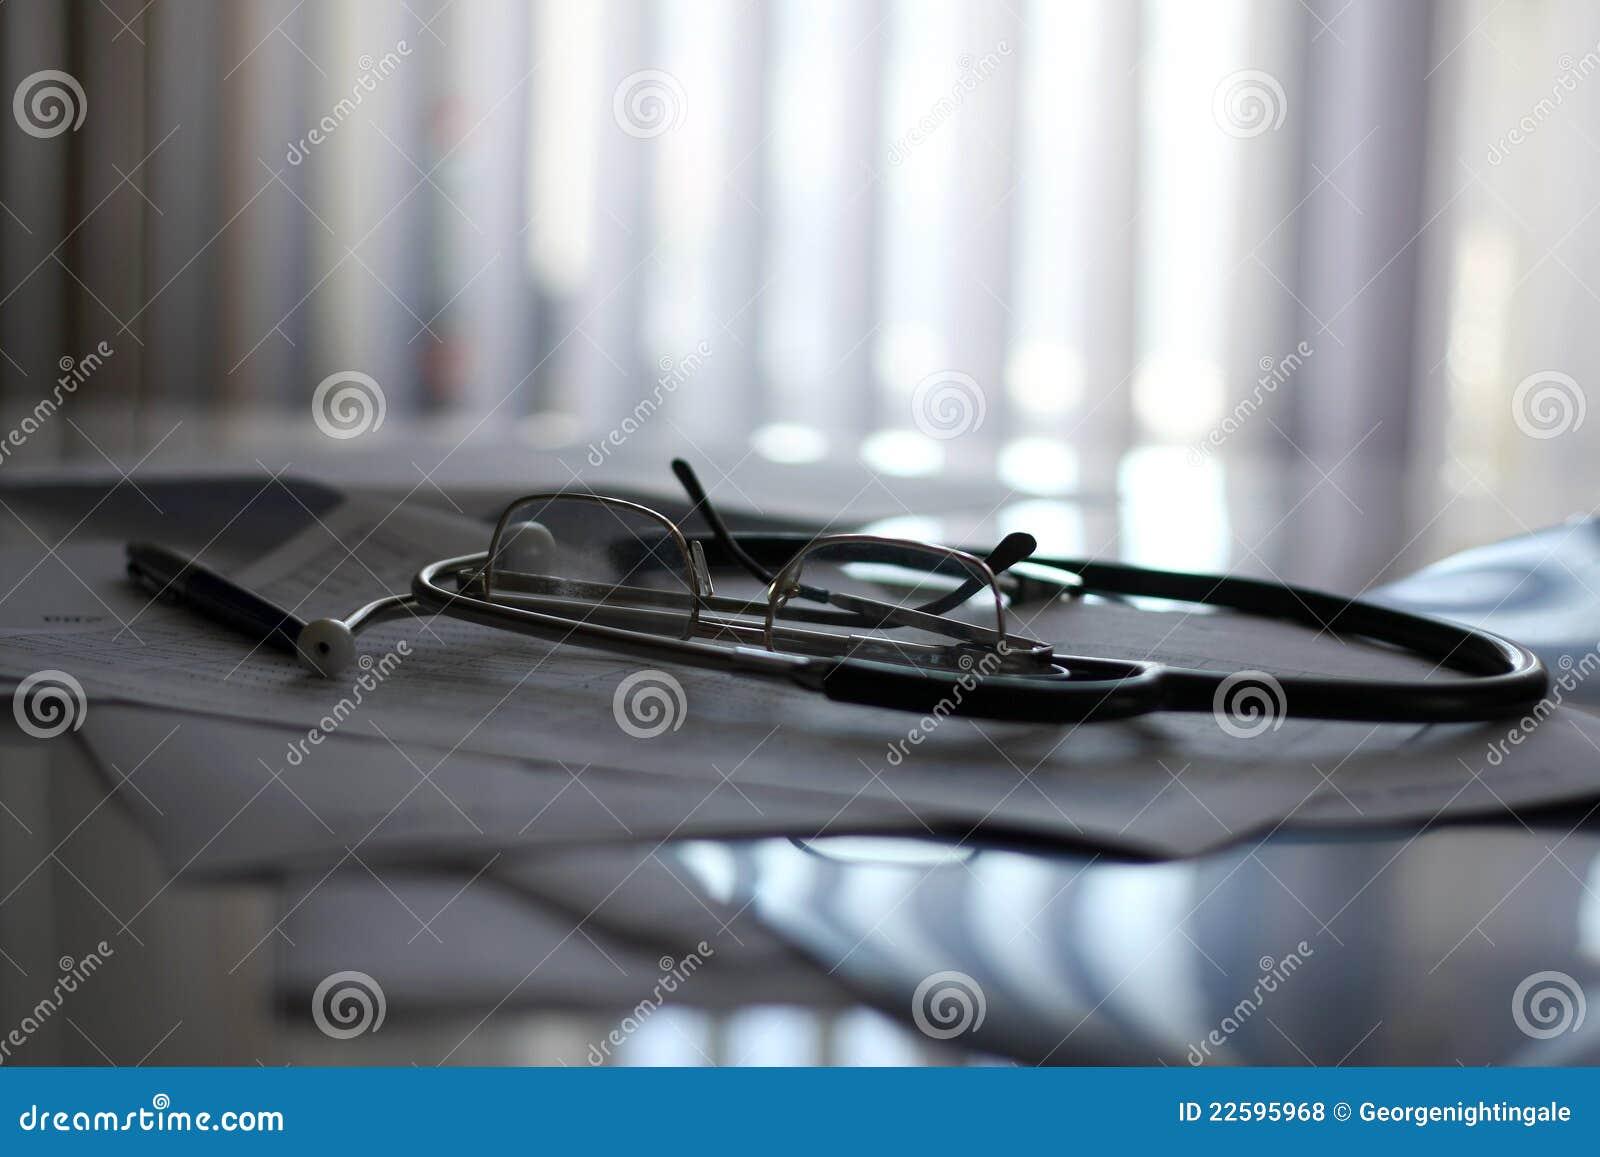 Szkło stetoskop